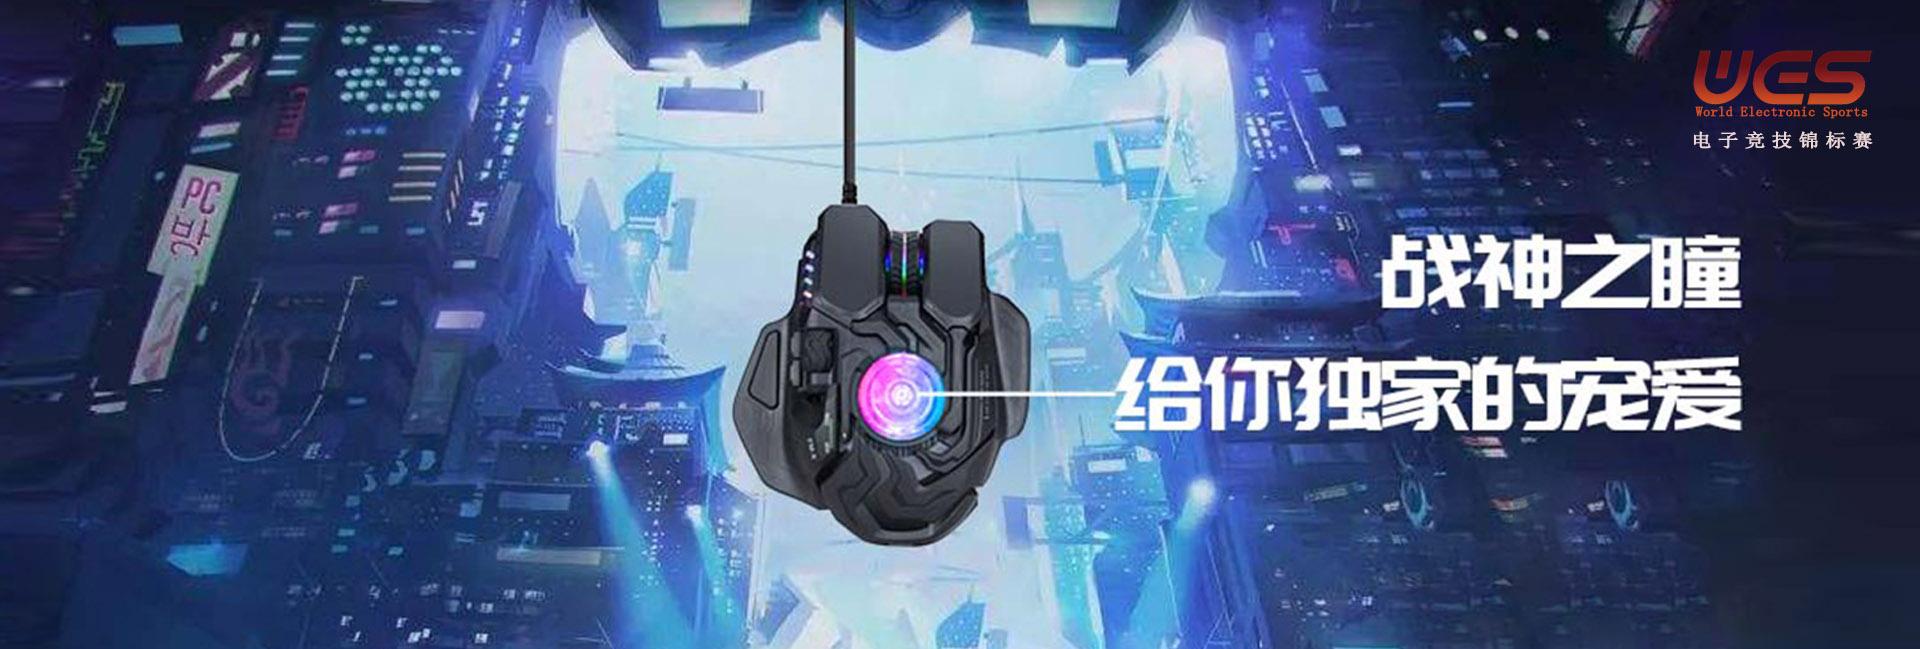 富民电子微(鼠标+鼠标垫)